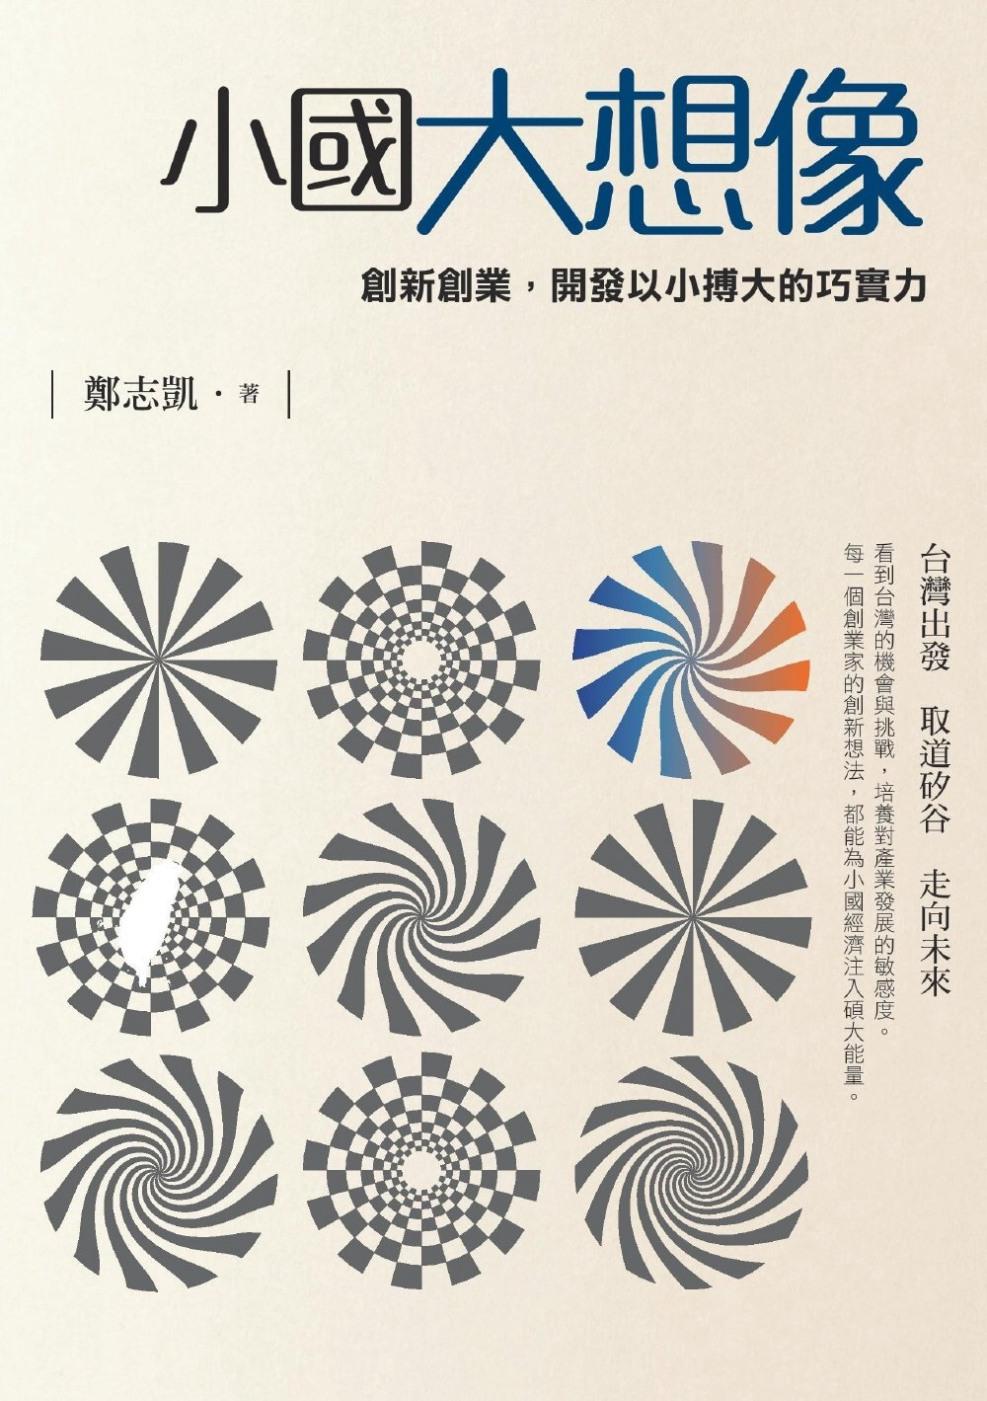 小國大想像:創新創業,開發以小搏大的巧實力